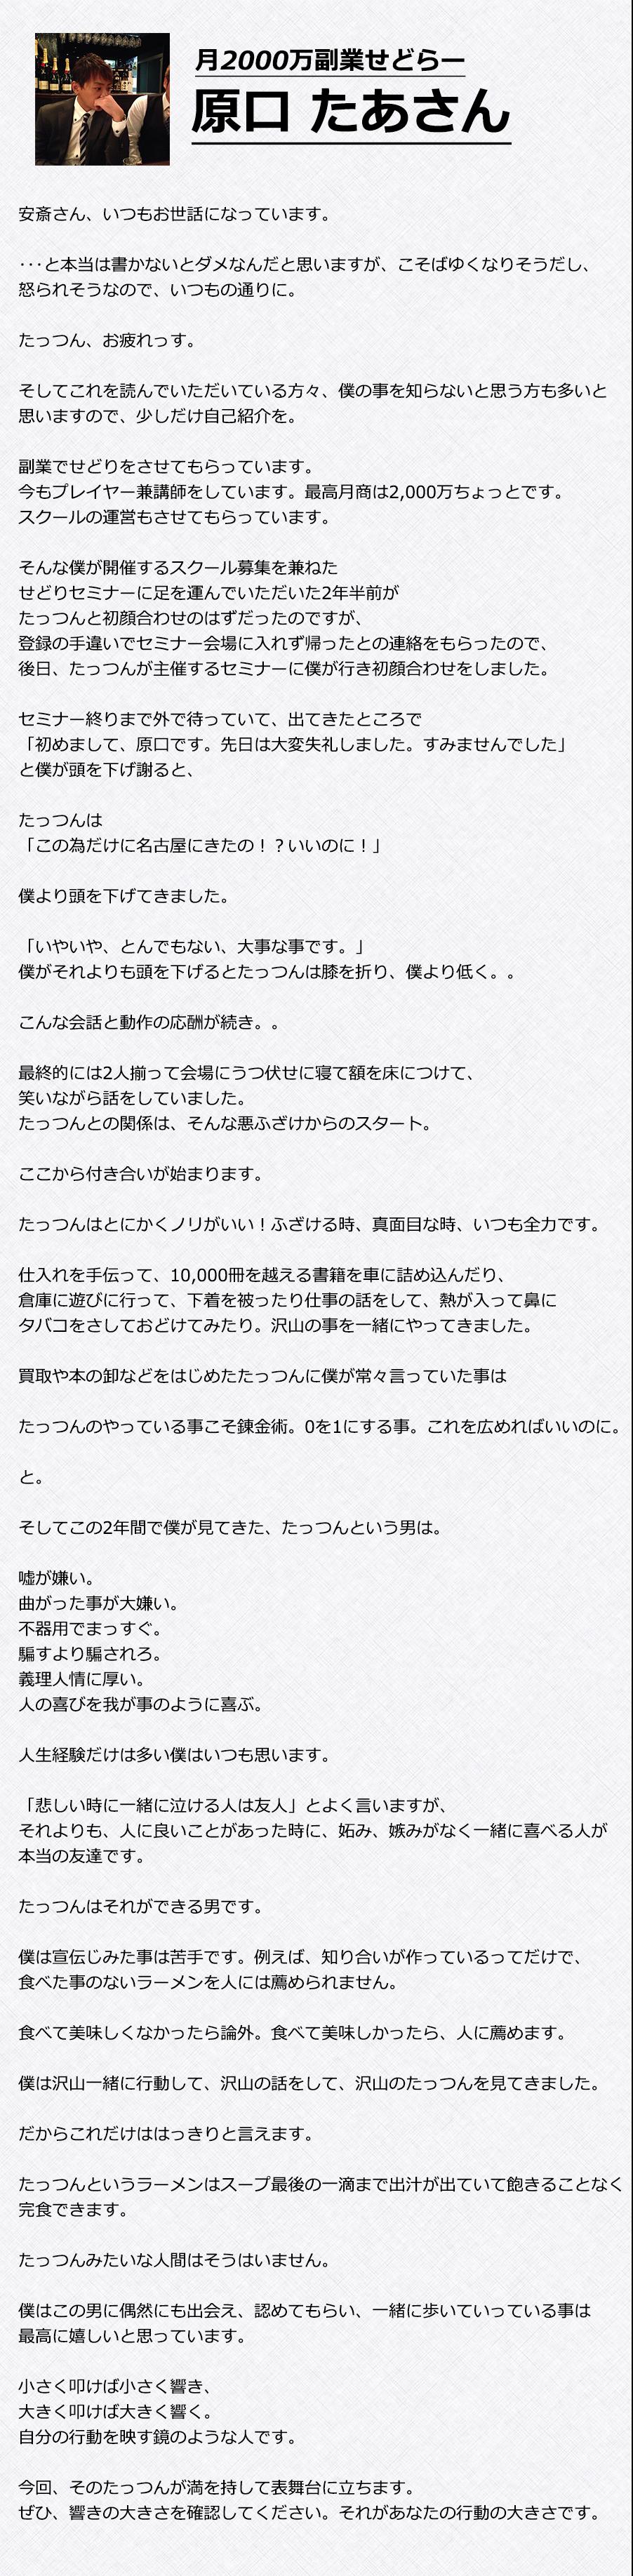 原口たあさん紹介文2